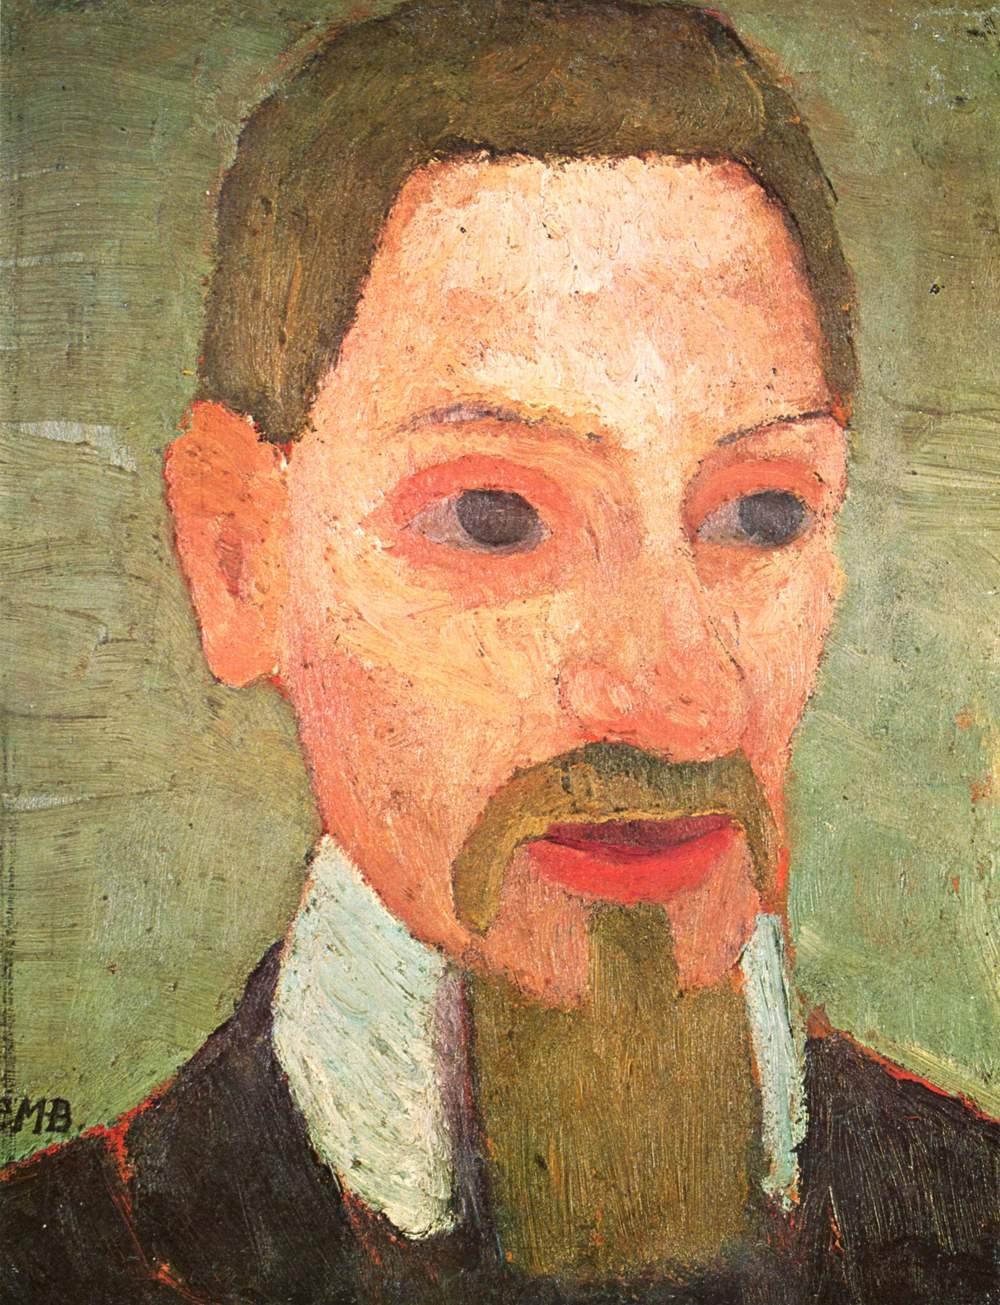 R.M. Rilke, porträtterad av Paula Modersohn Becker